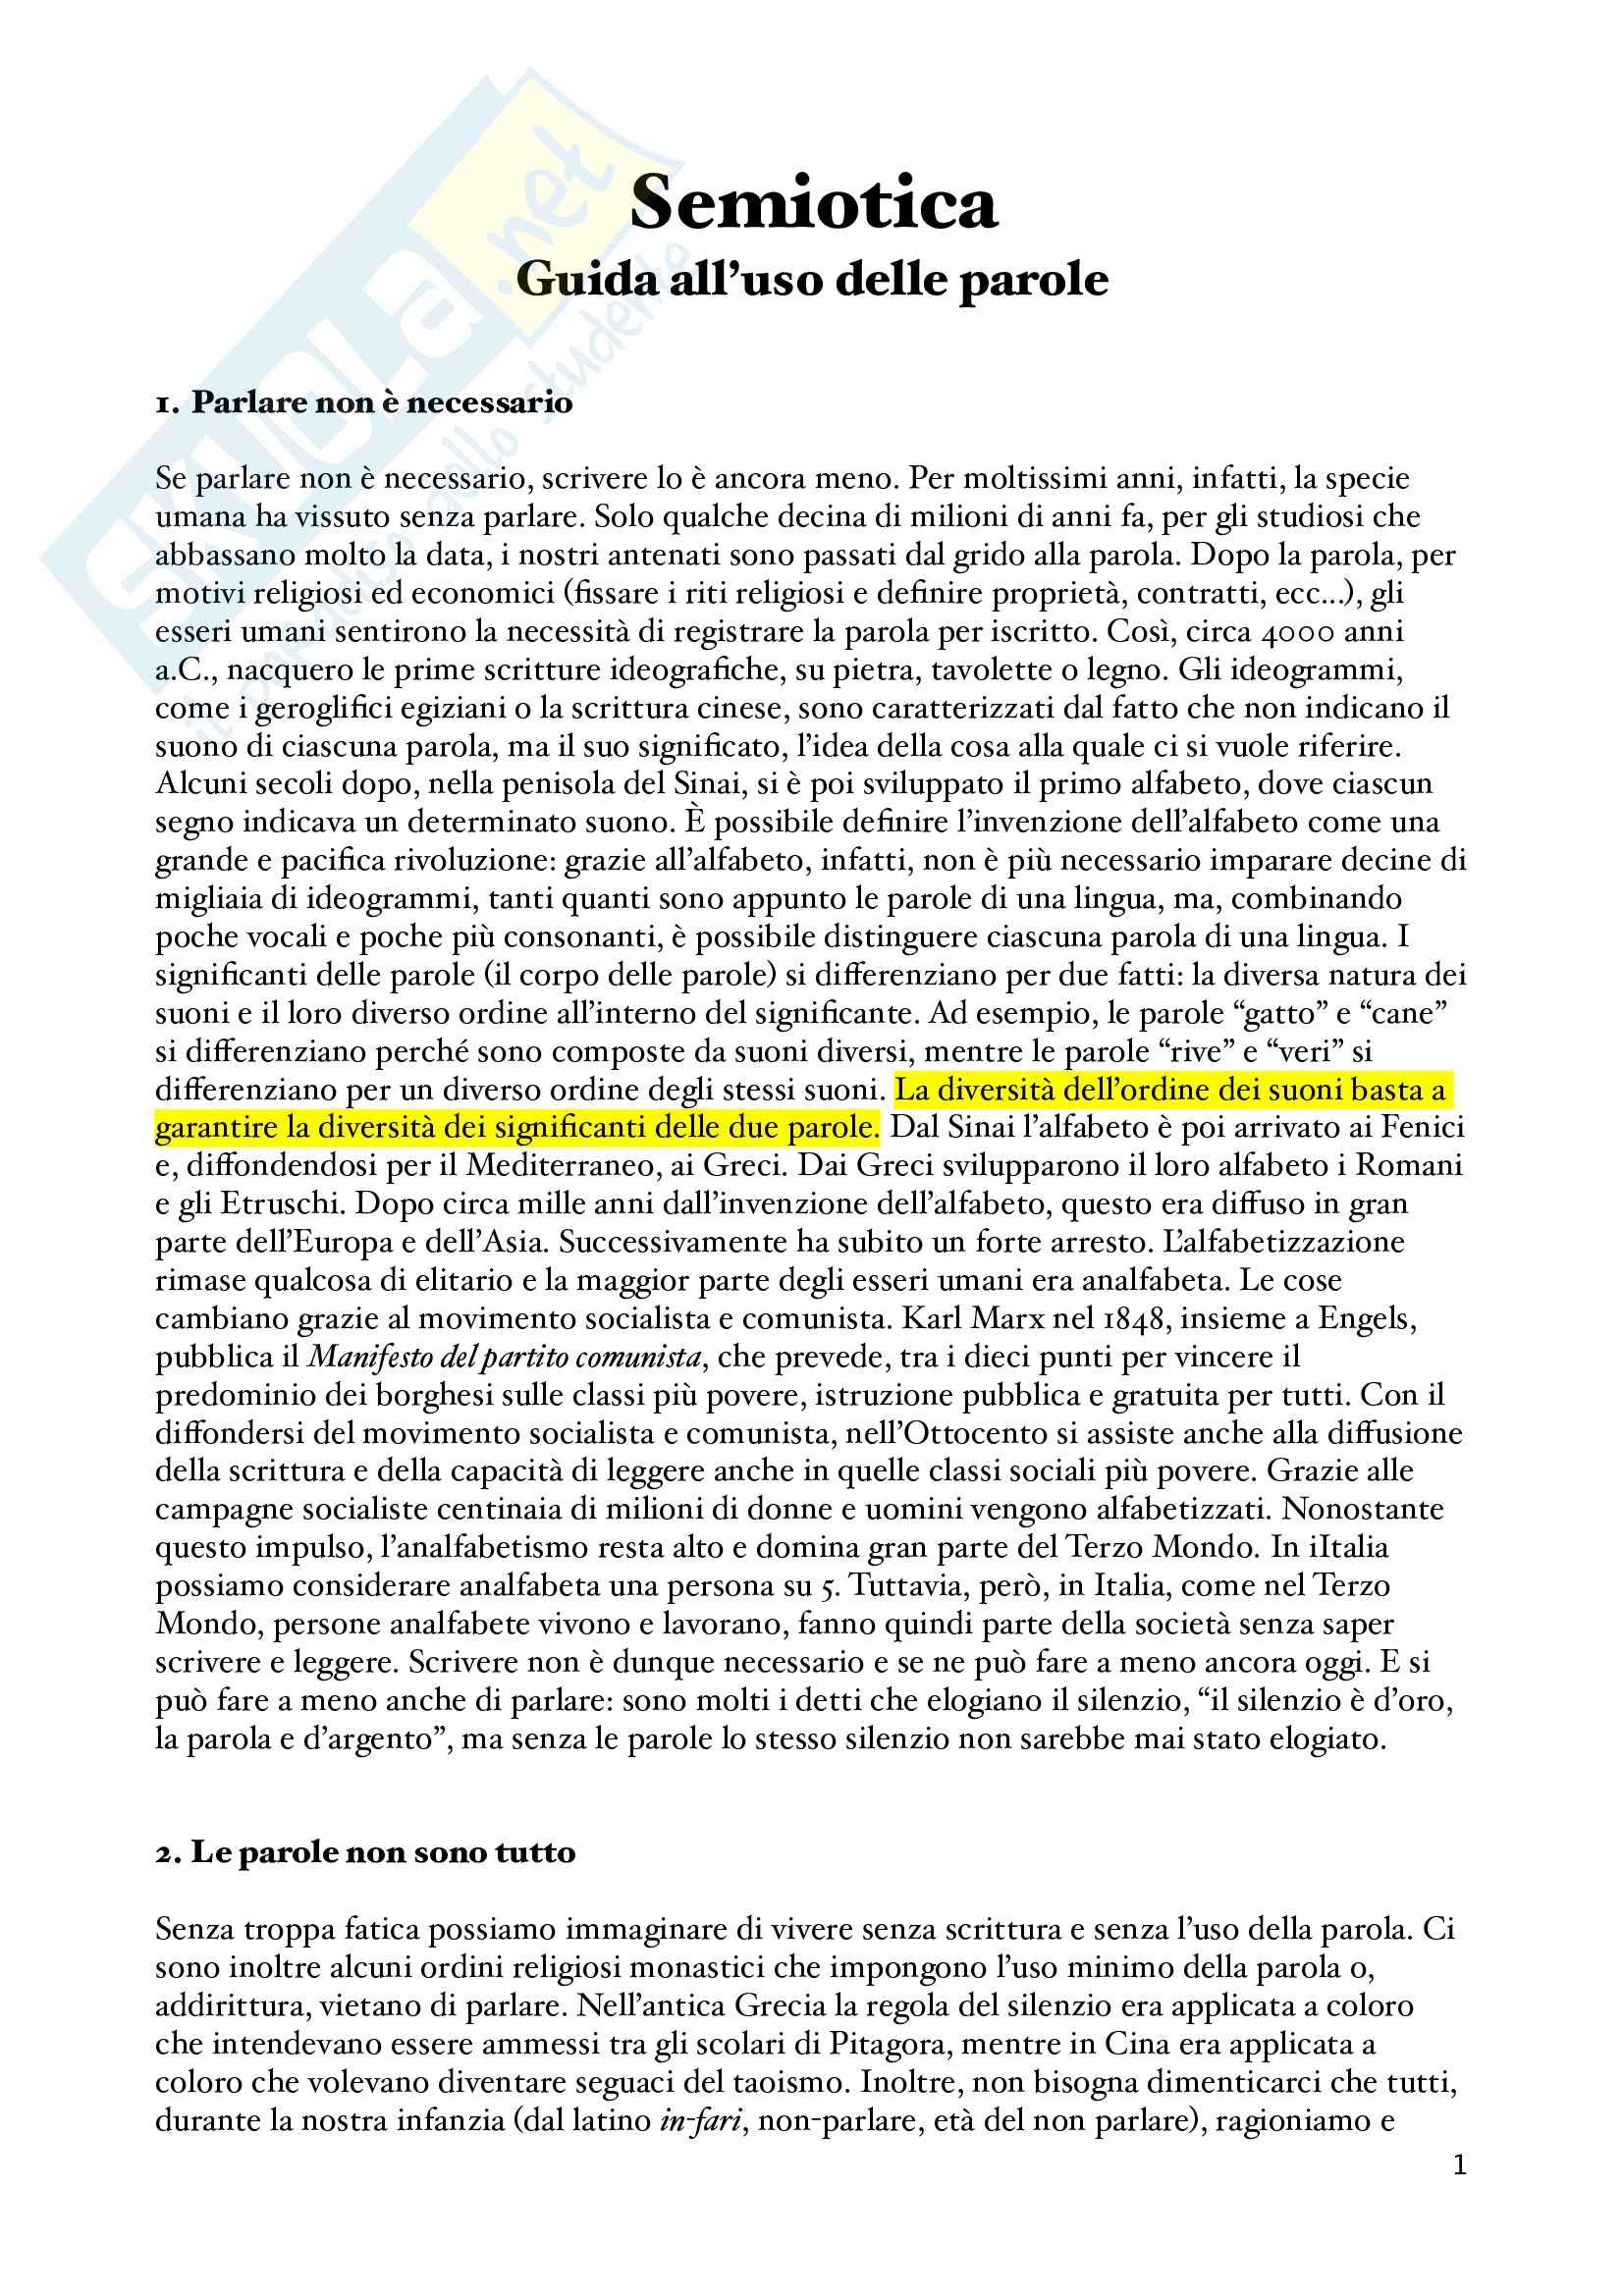 Appunti Guida all'uso delle parole, Semiotica